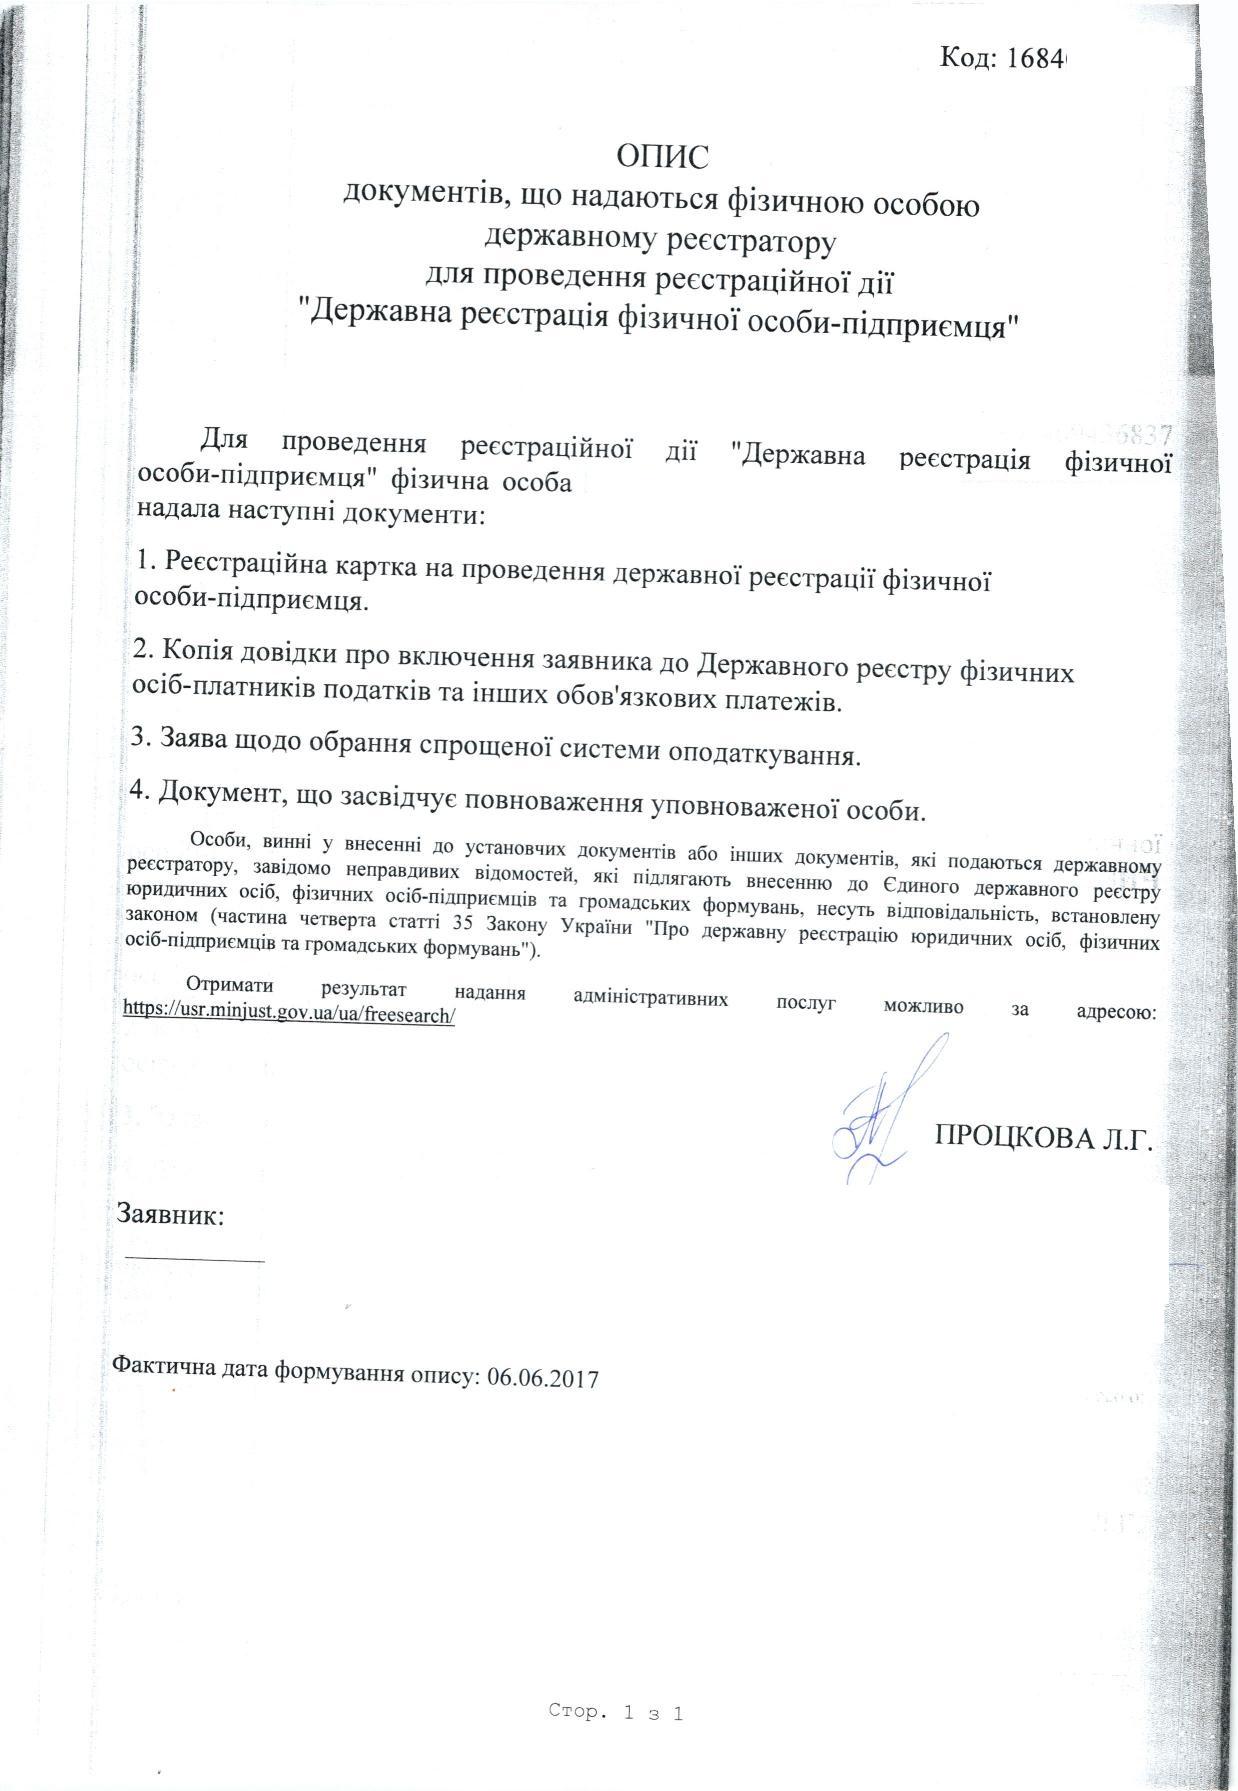 Регистрация ооо для электрики adsense ндфл 3 декларация